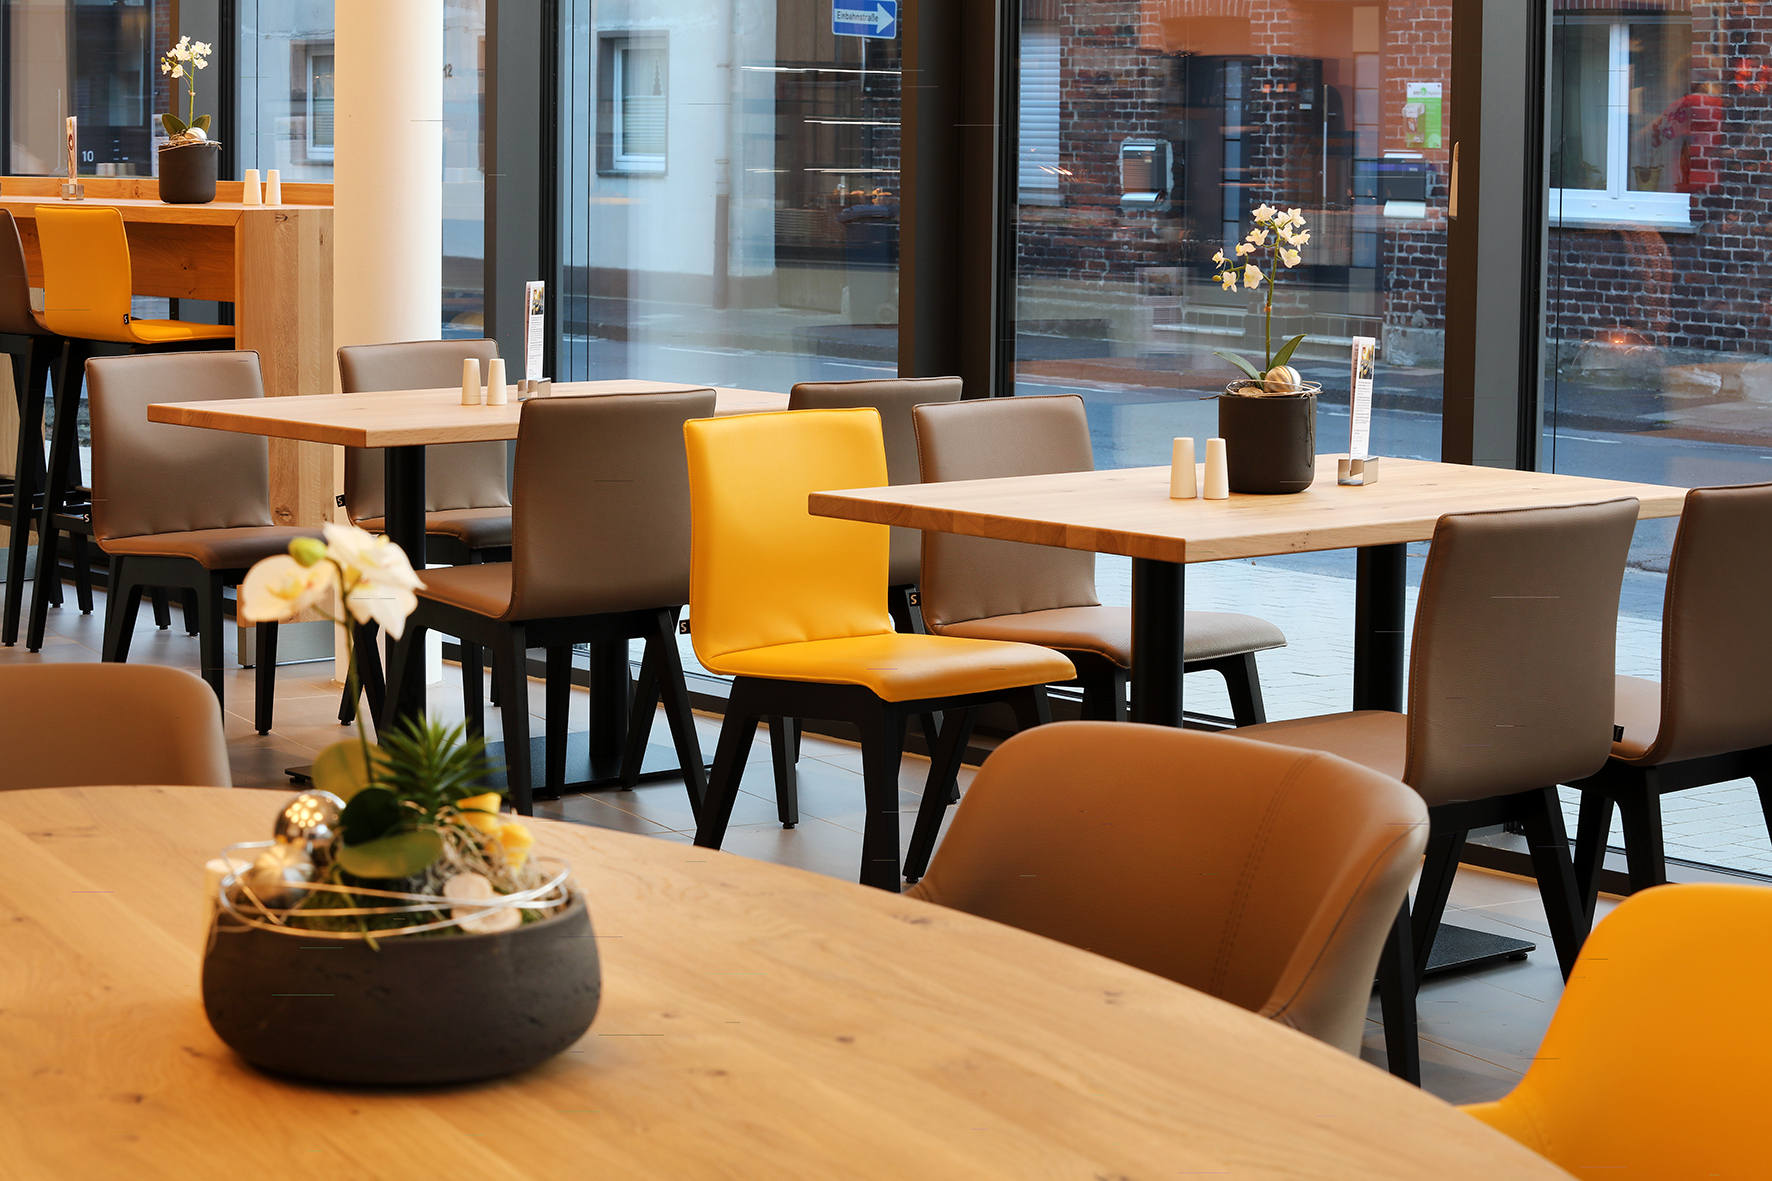 Sonniges Restaurant & Café für ein Gesundheitszentrum